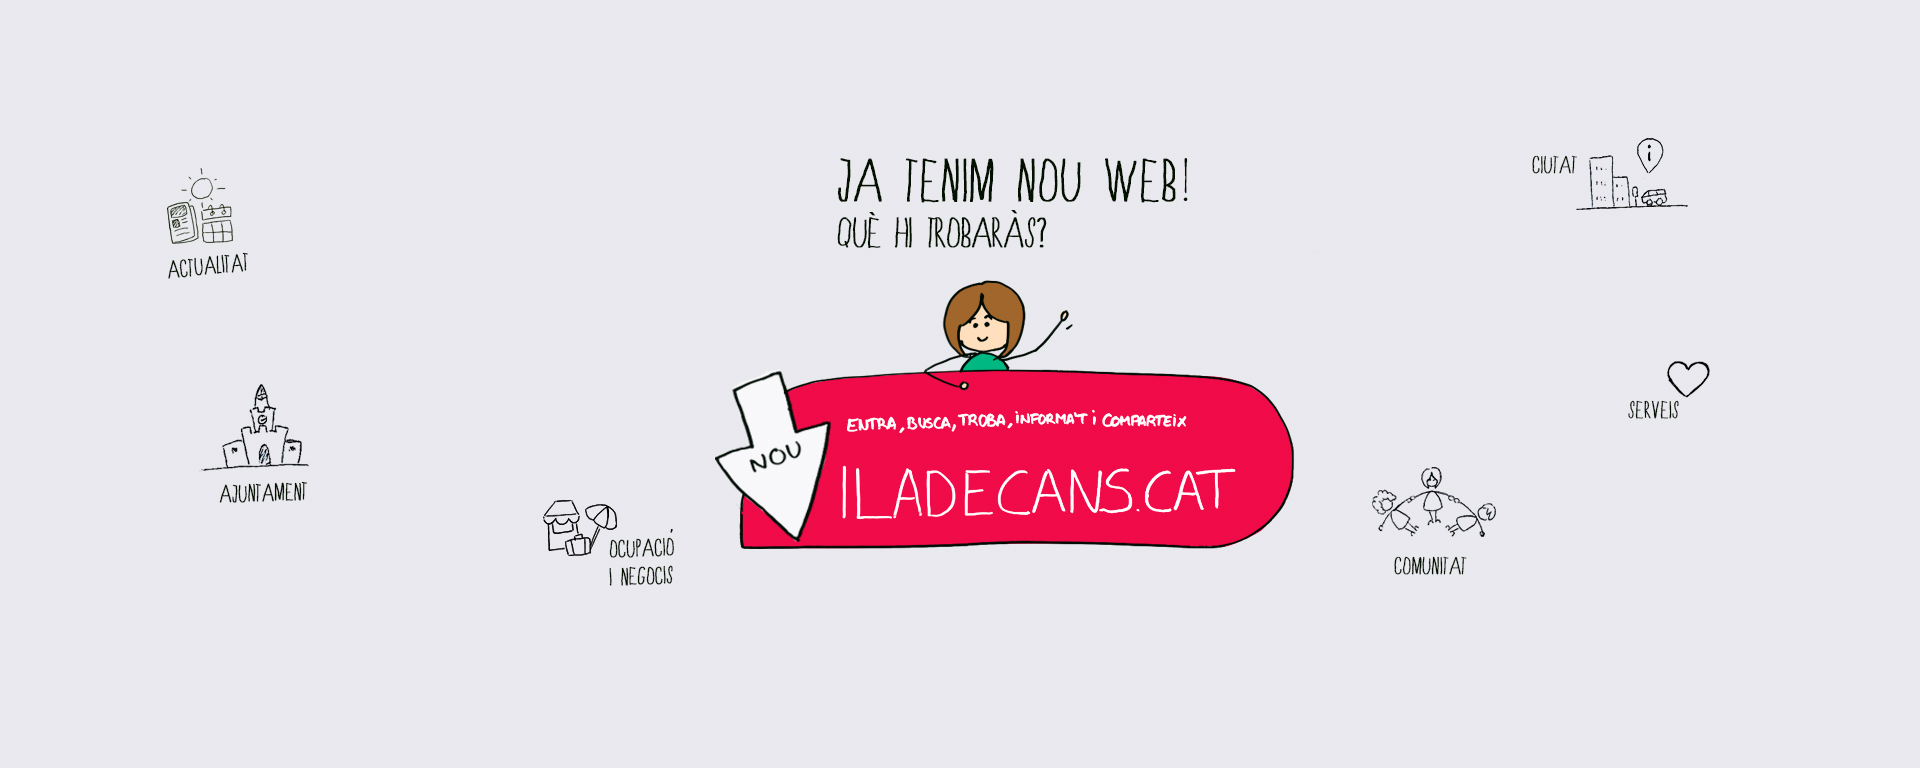 Nou Viladecans.cat